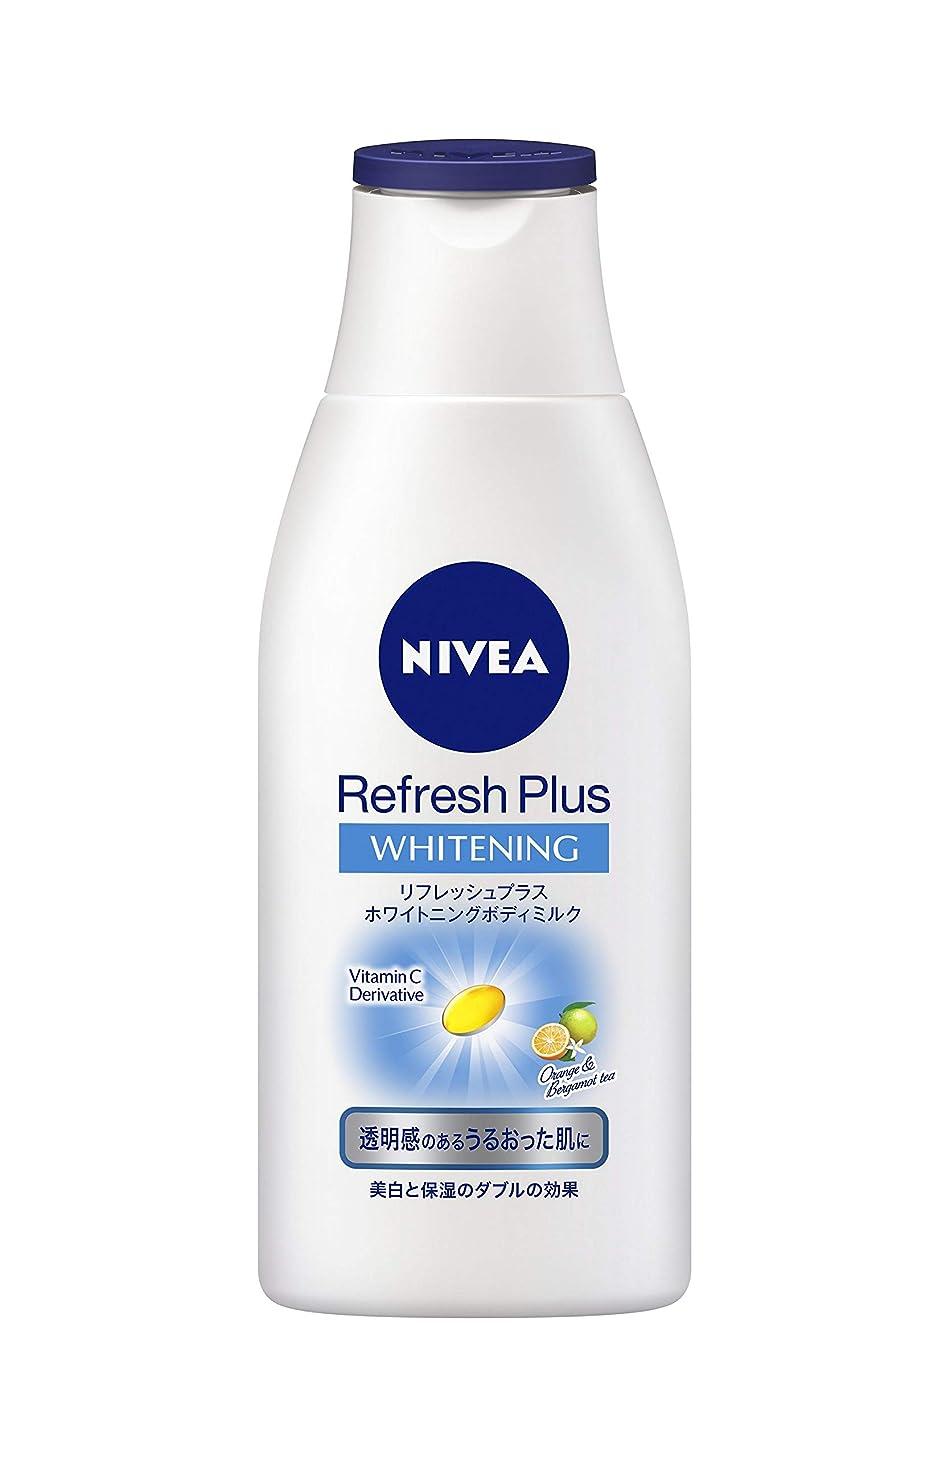 怒るシーケンス活性化するニベア リフレッシュプラスホワイトニングボディミルク 150ml